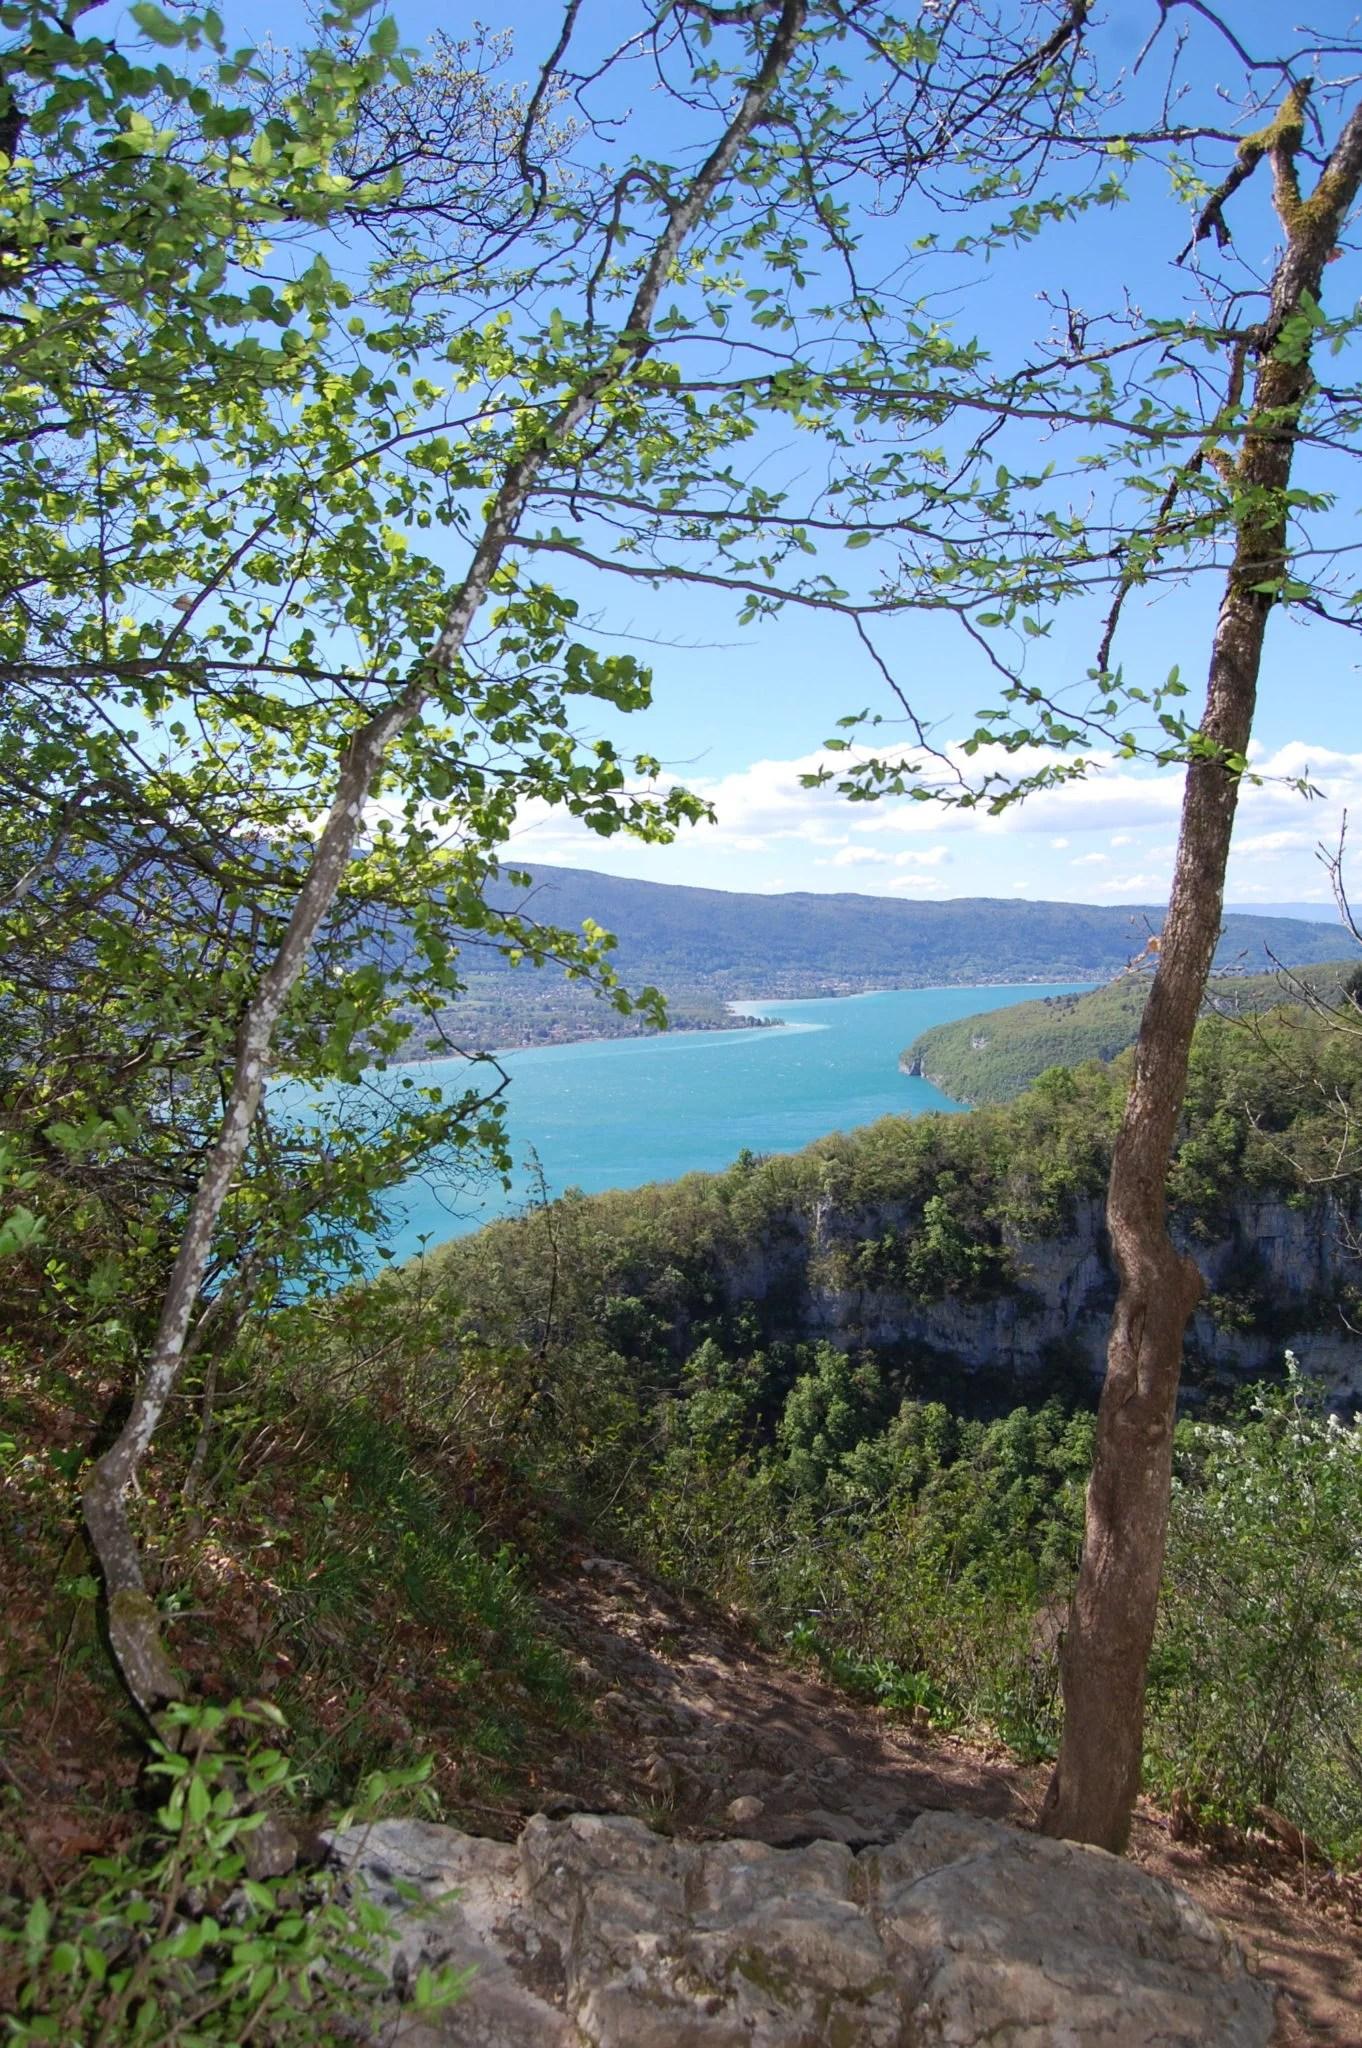 Balade autour du lac d'Annecy